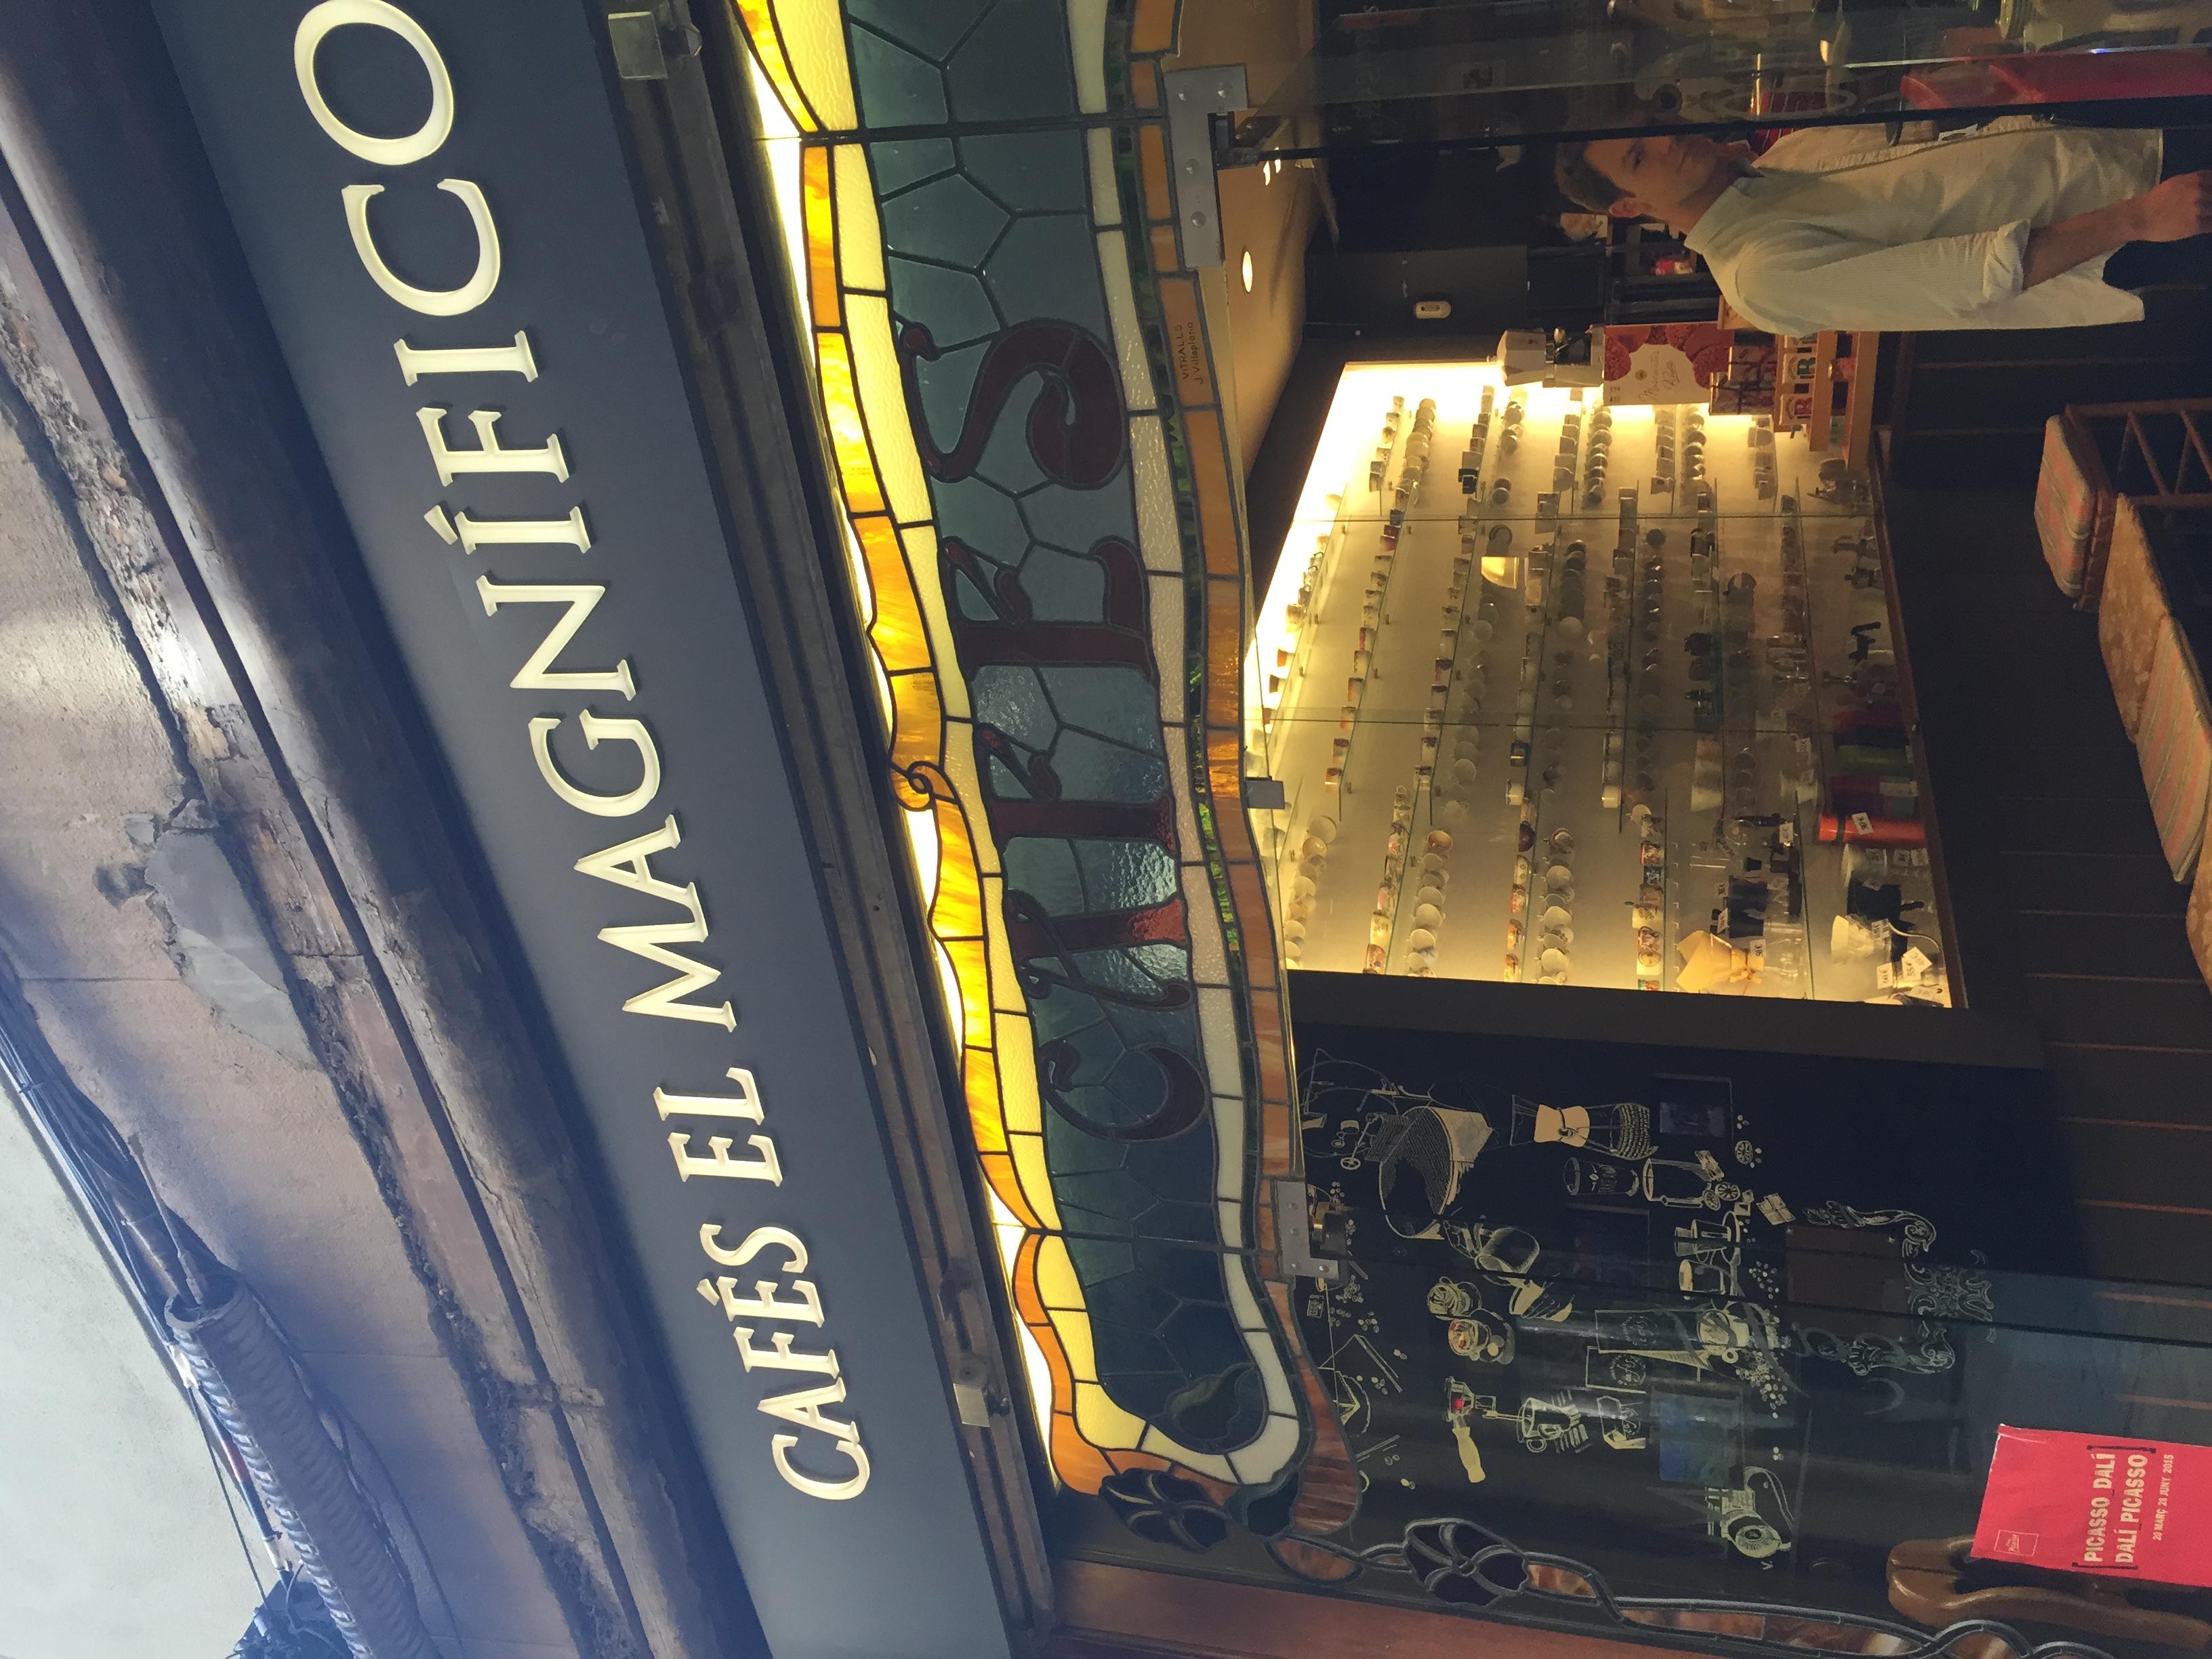 Barcelona_Carpe Digi_Cafes El Magnifico